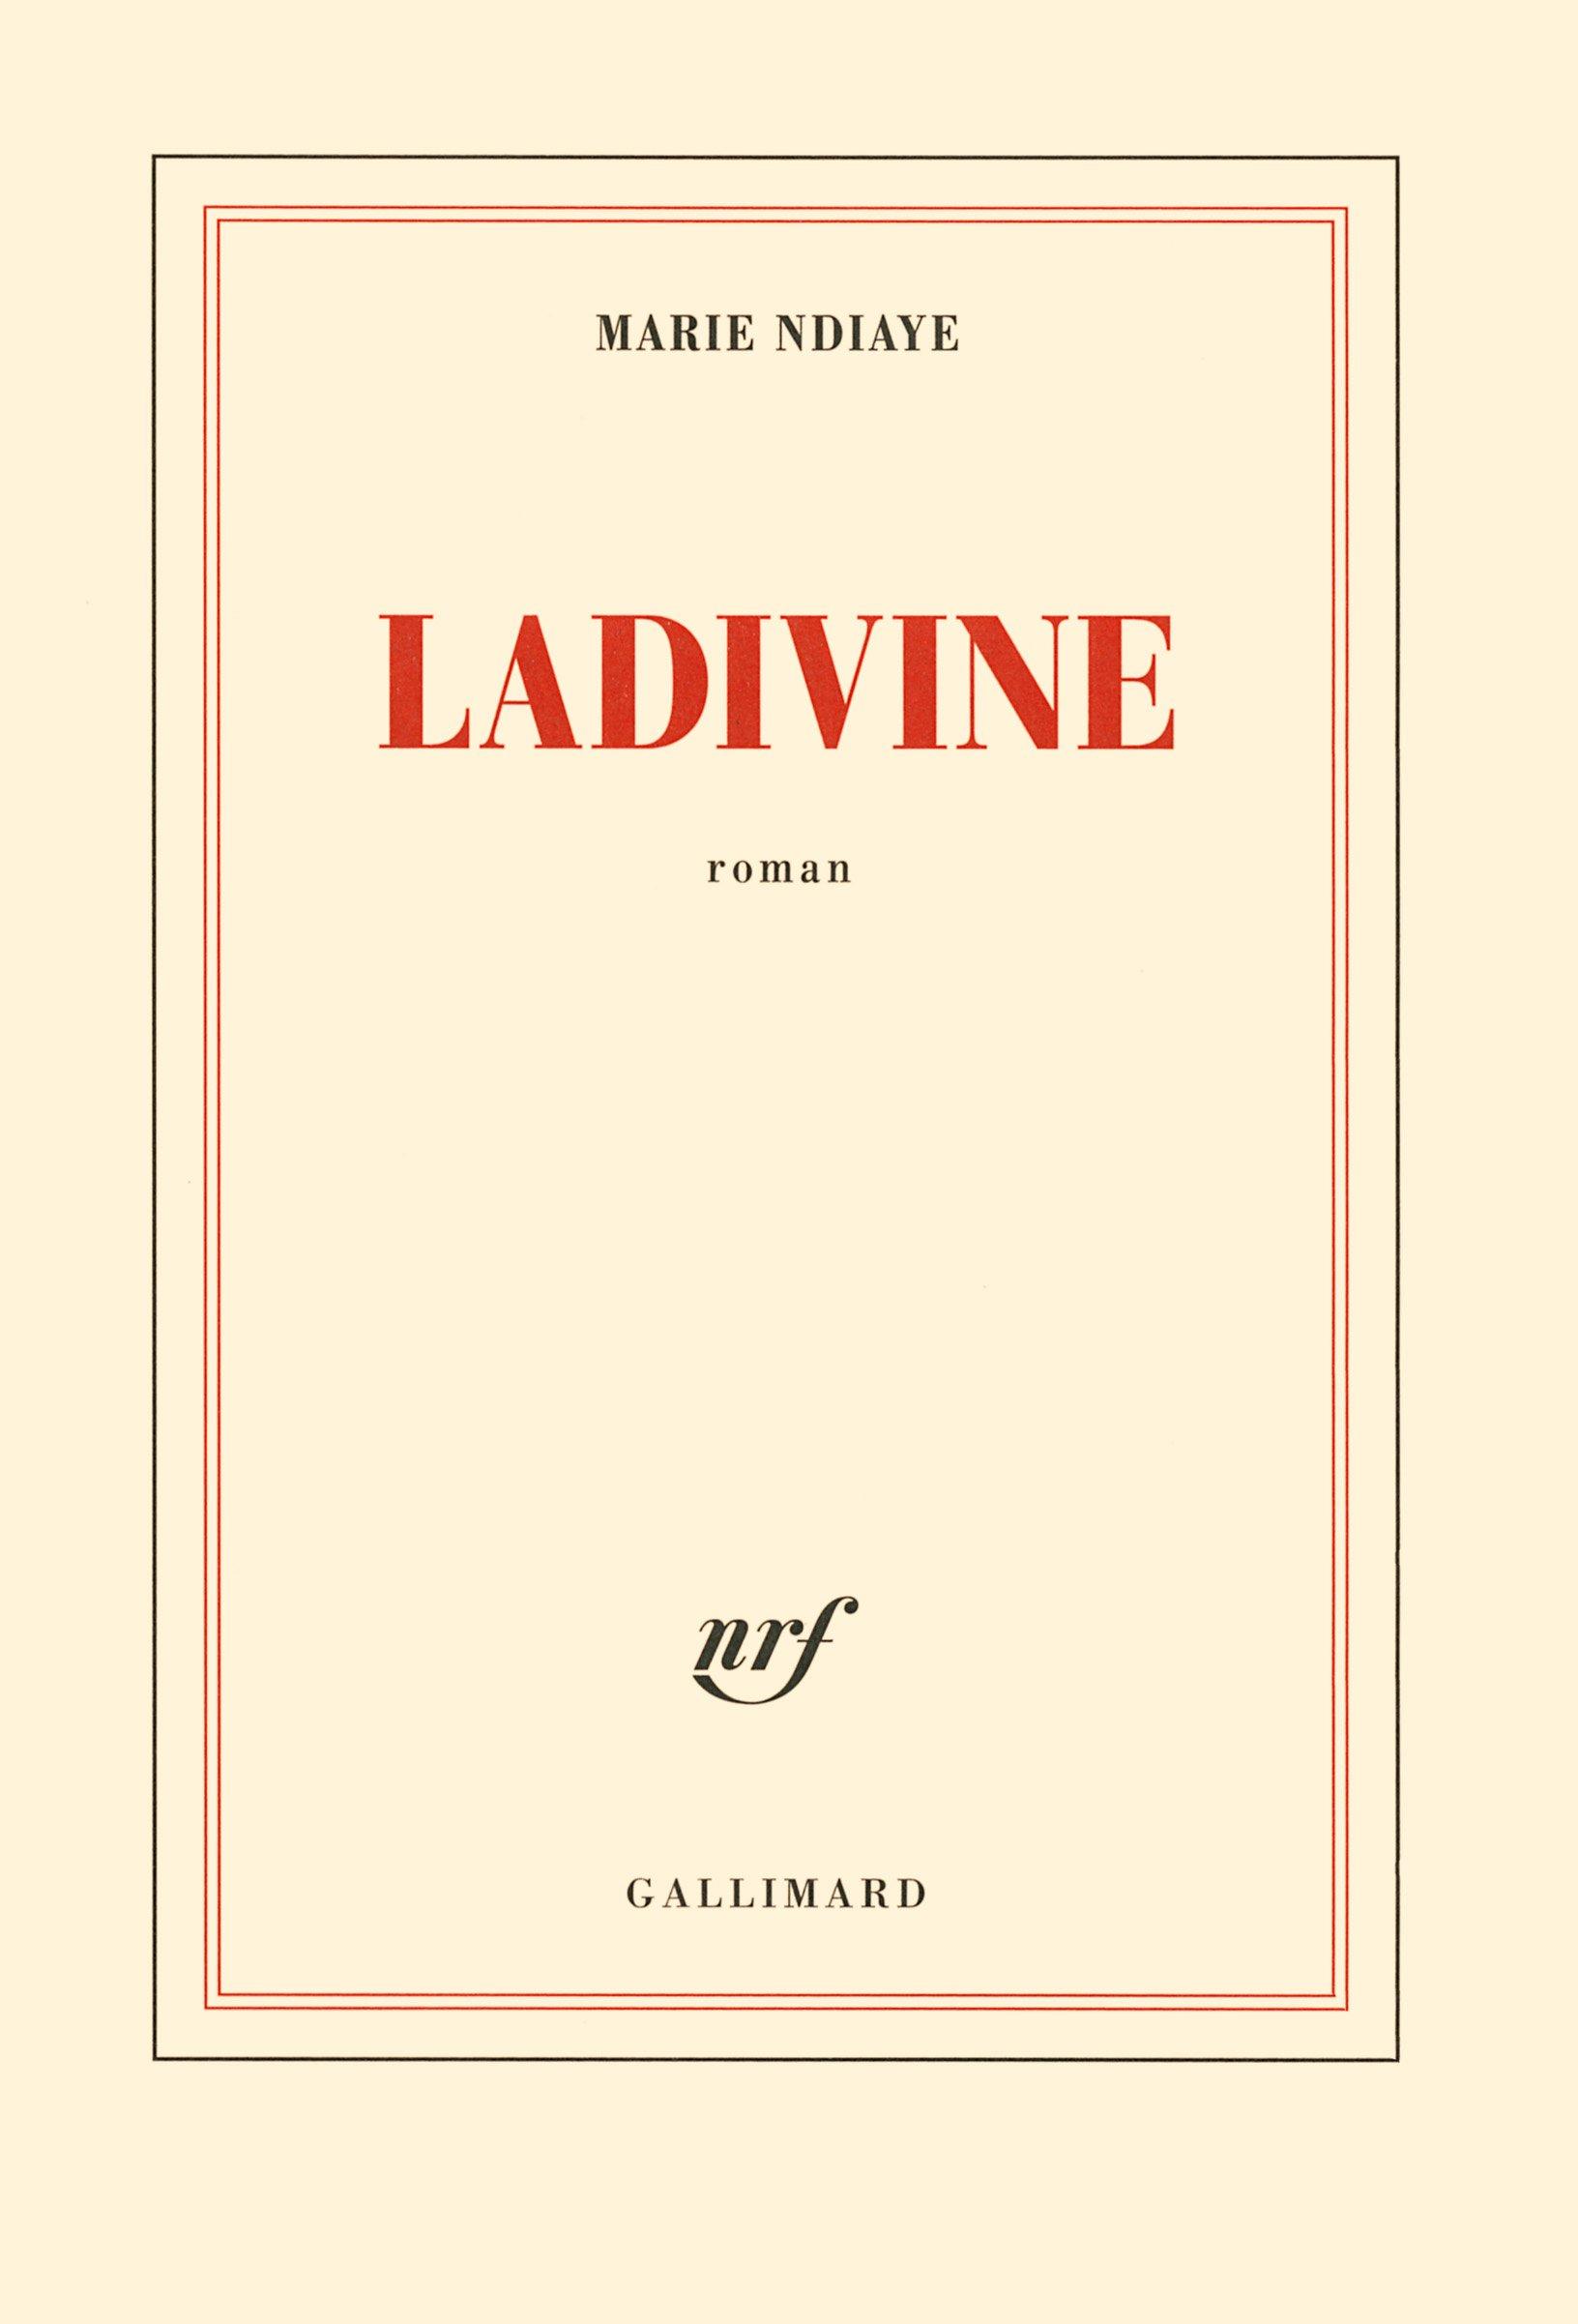 Ladivine, französische Ausgabe